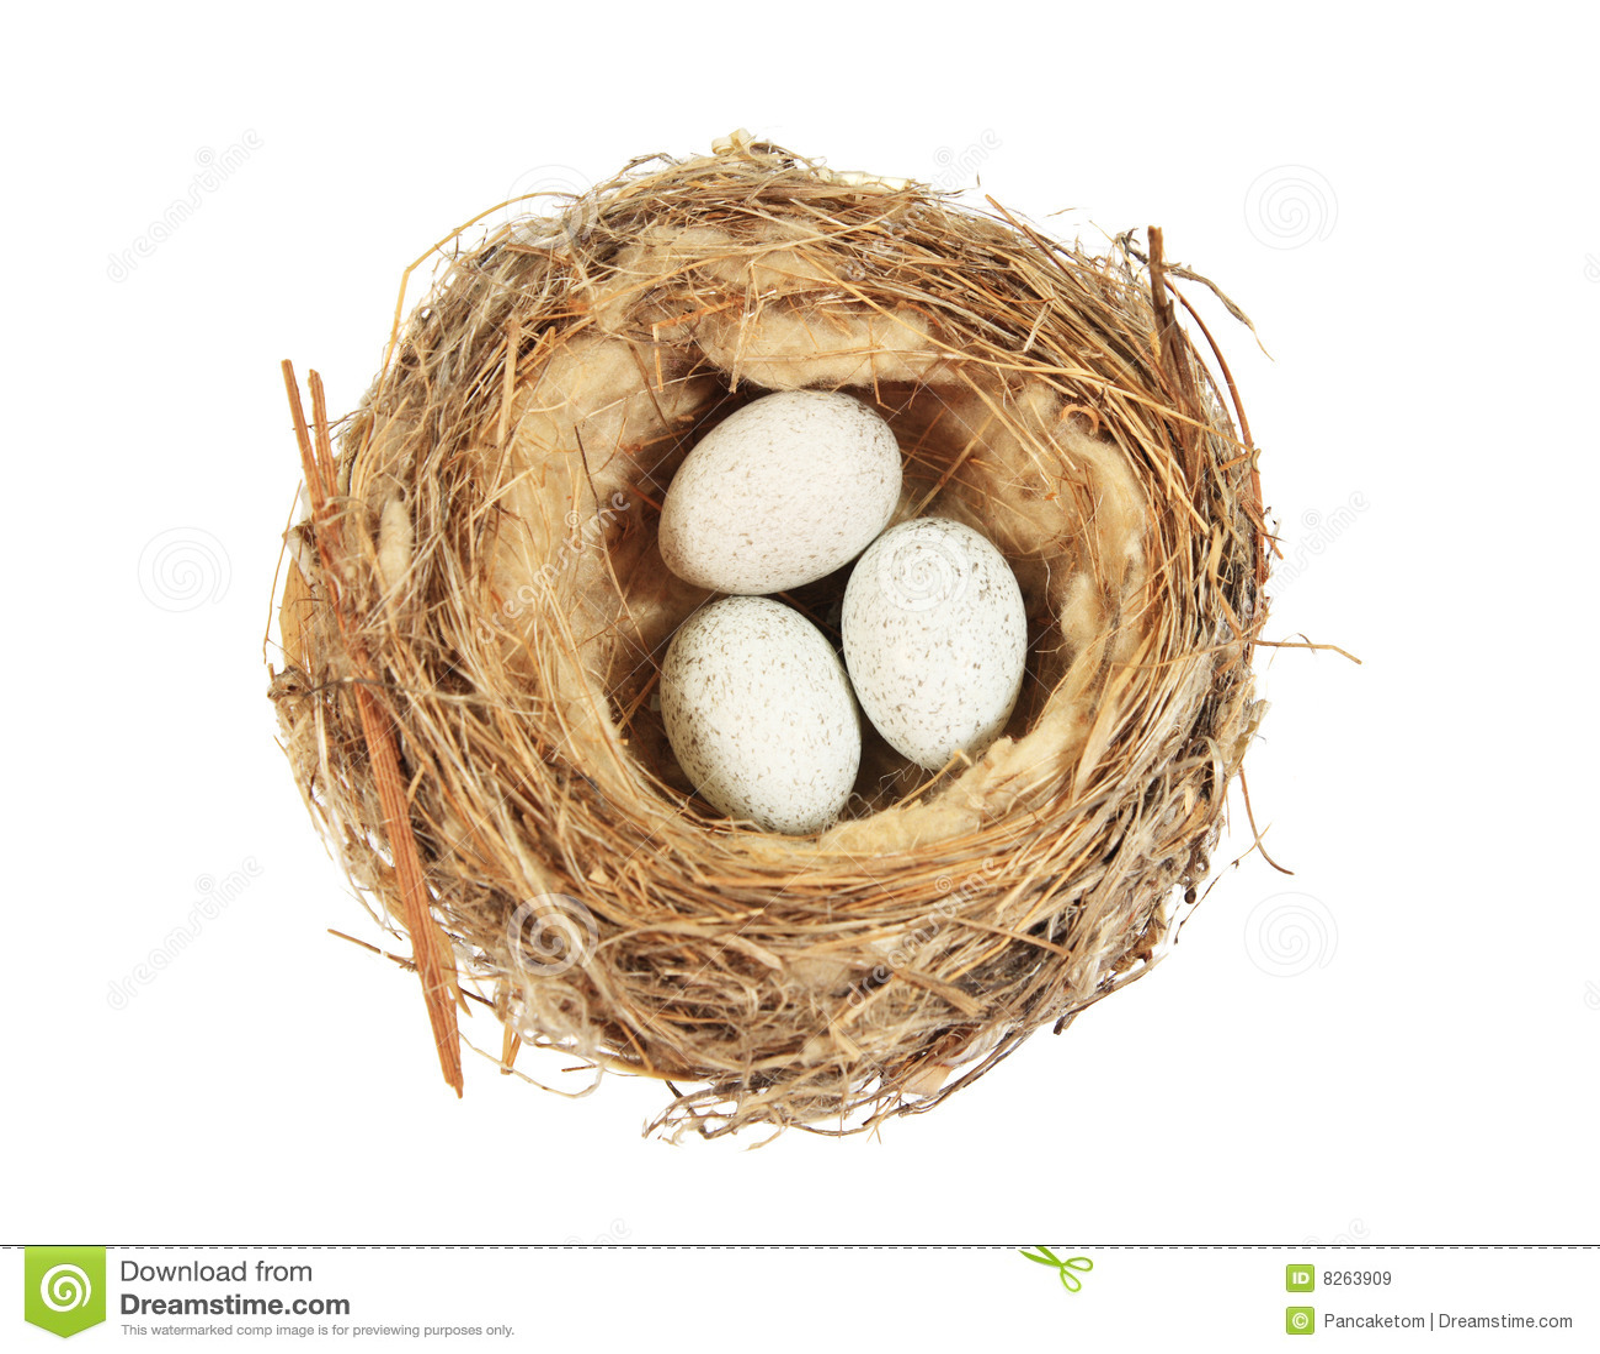 Isolated bird nest